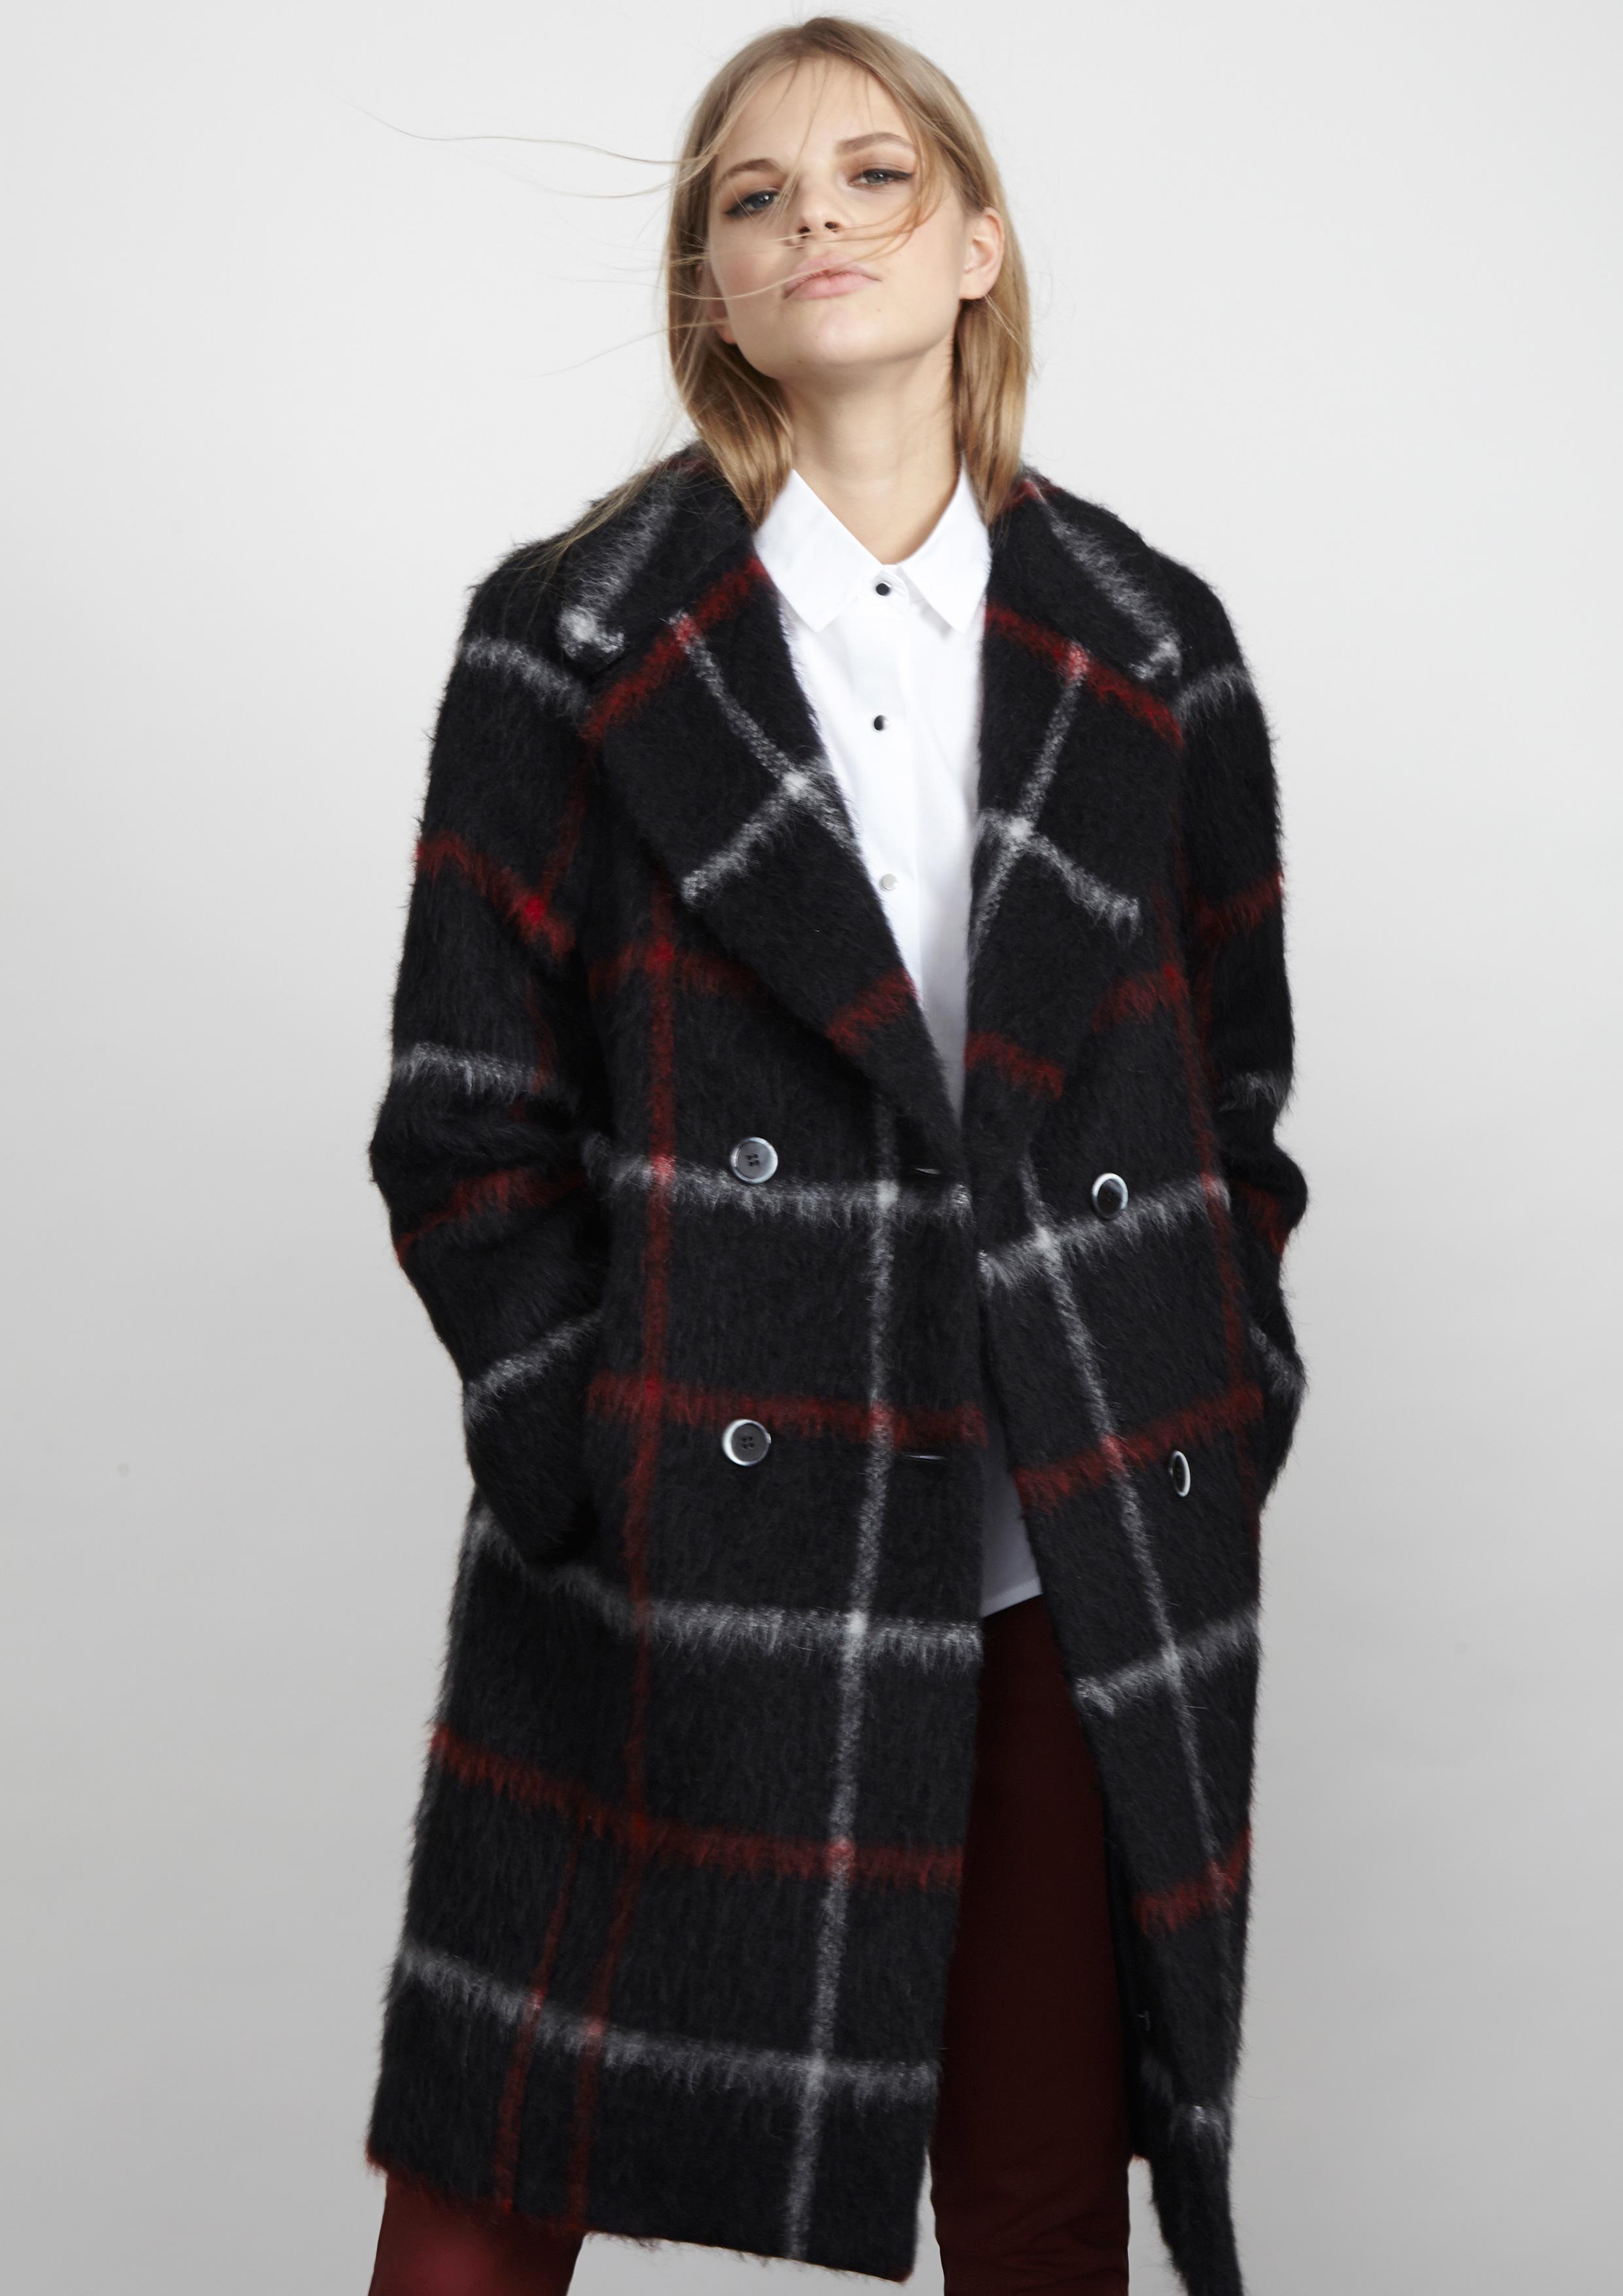 Alba conde abrigos 2016